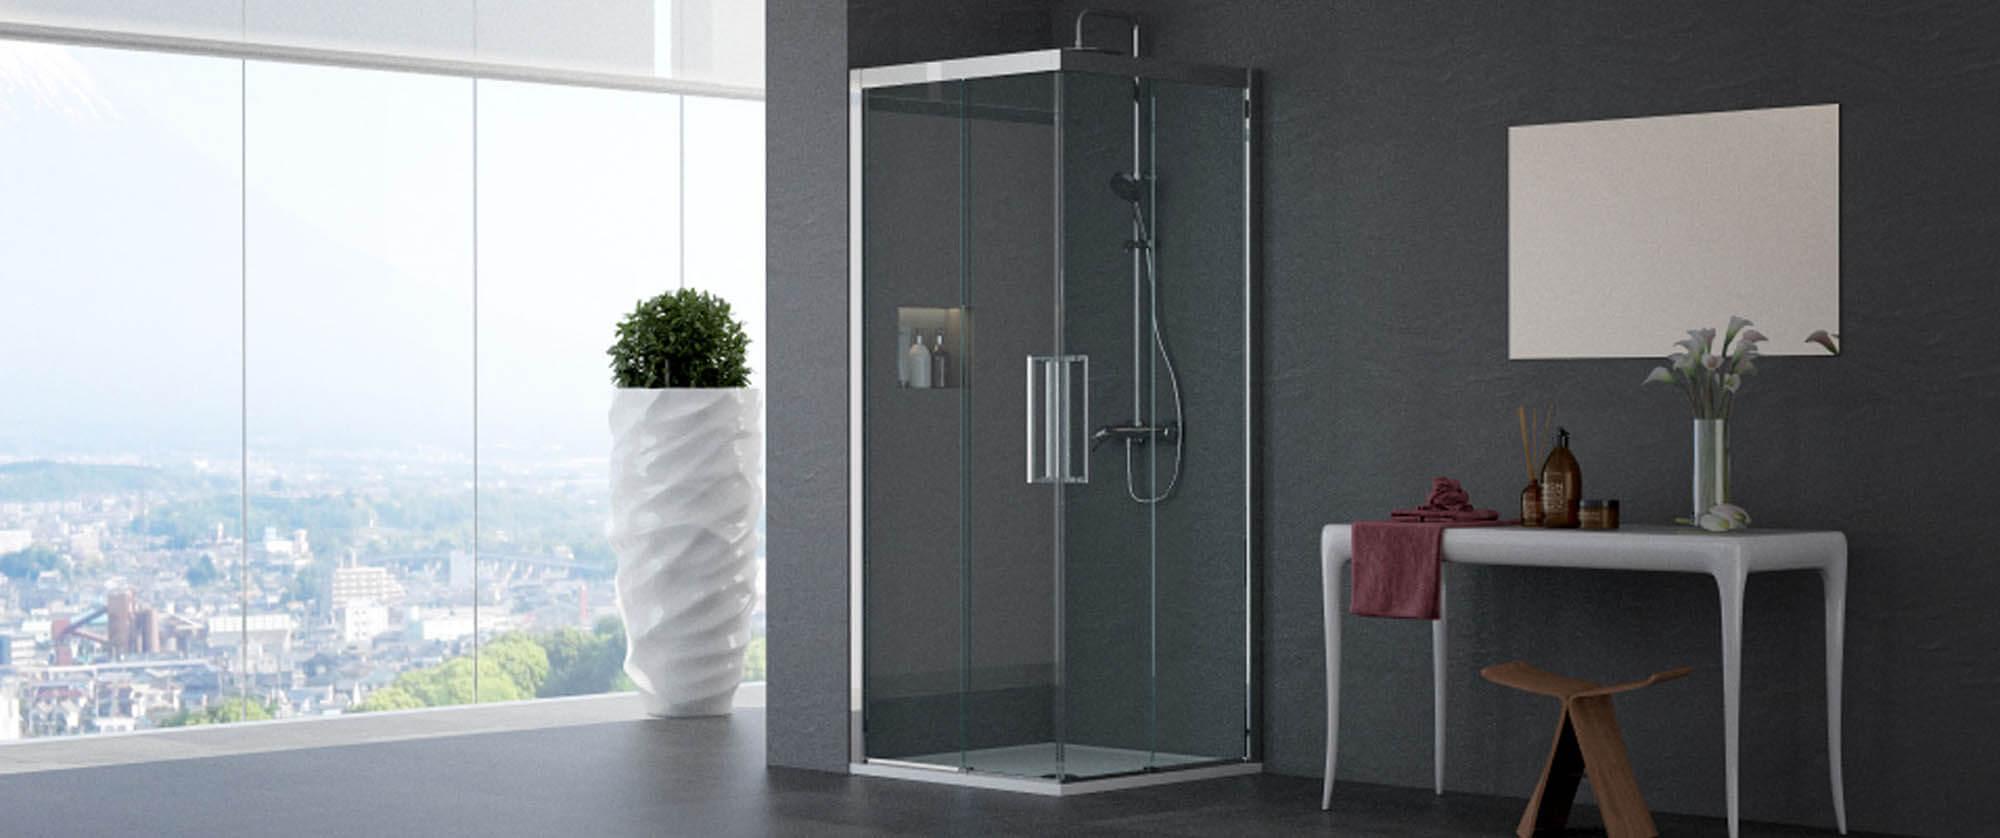 Vendita di box doccia varie forme e misure